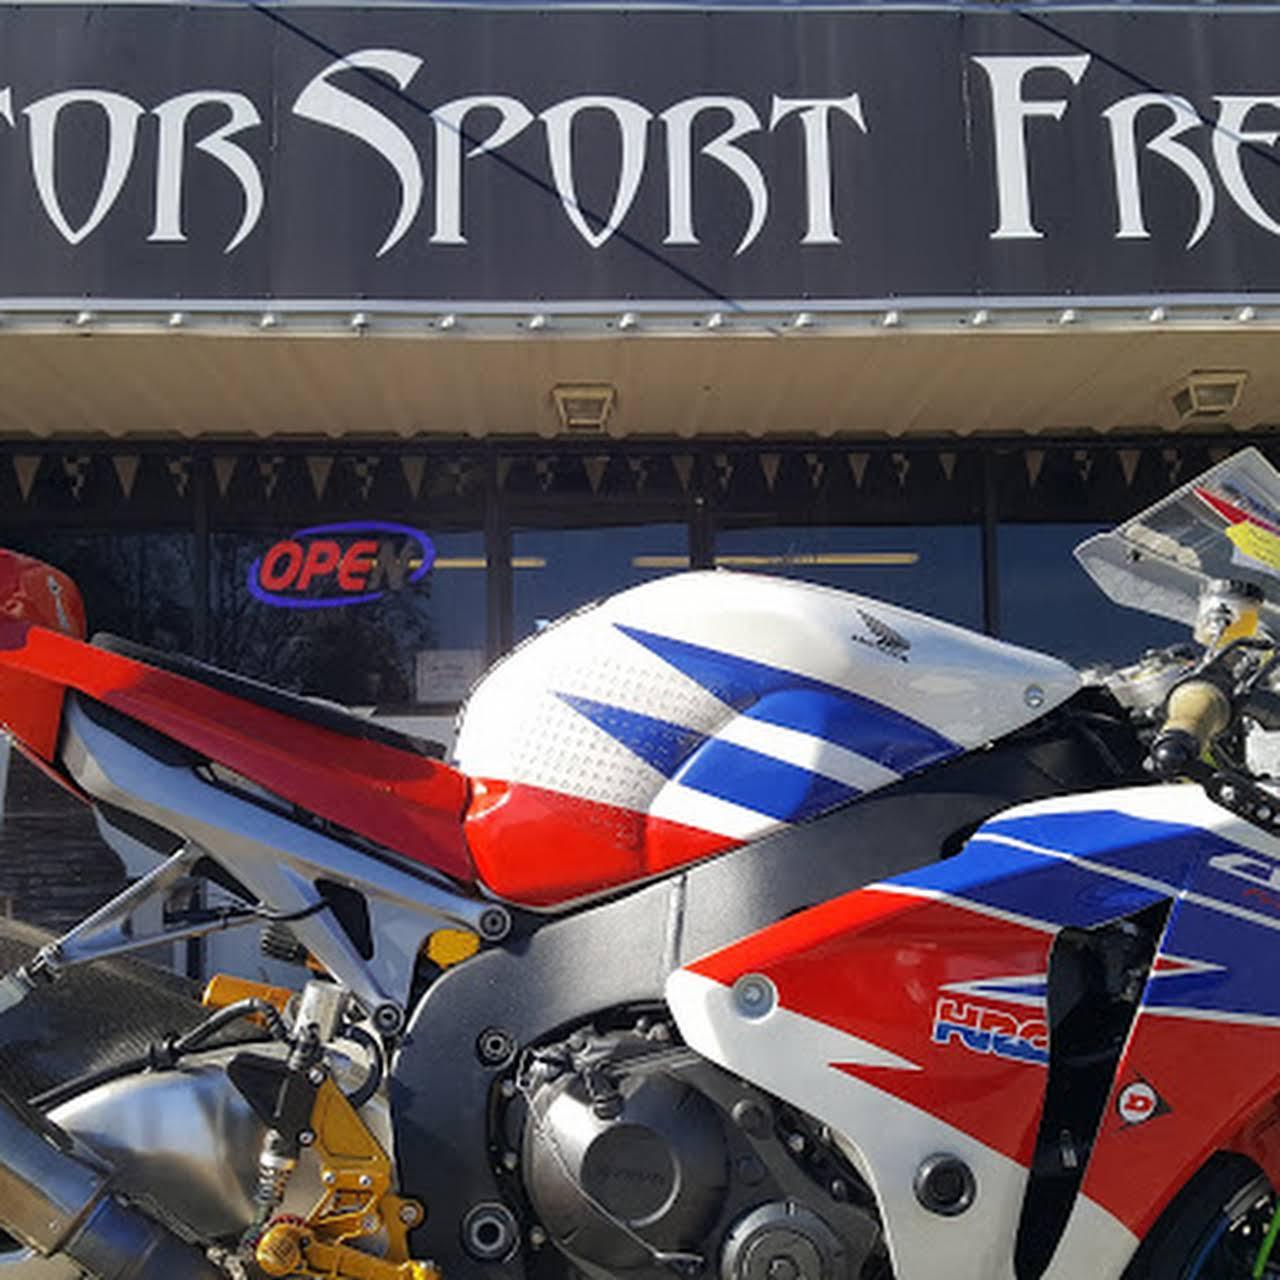 Motorsport Freaks Inc - Motorcycle Shop in Robertsdale